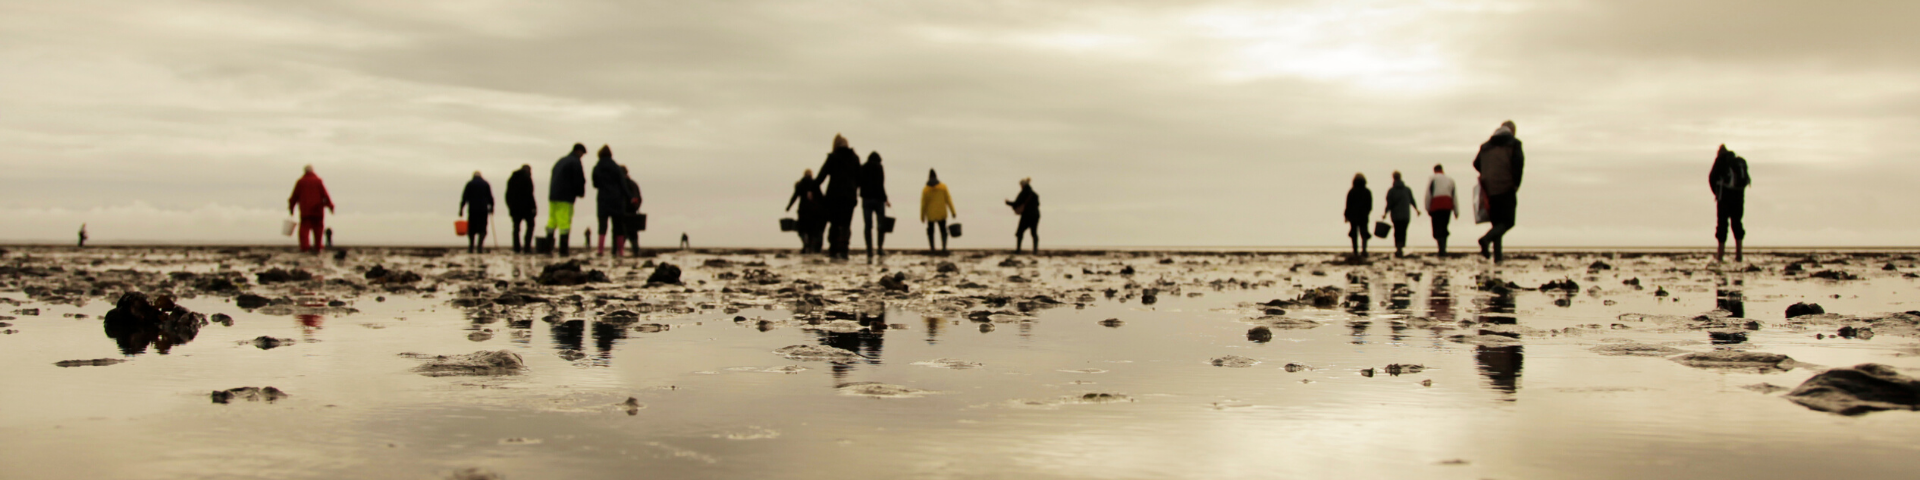 personer ved stranden